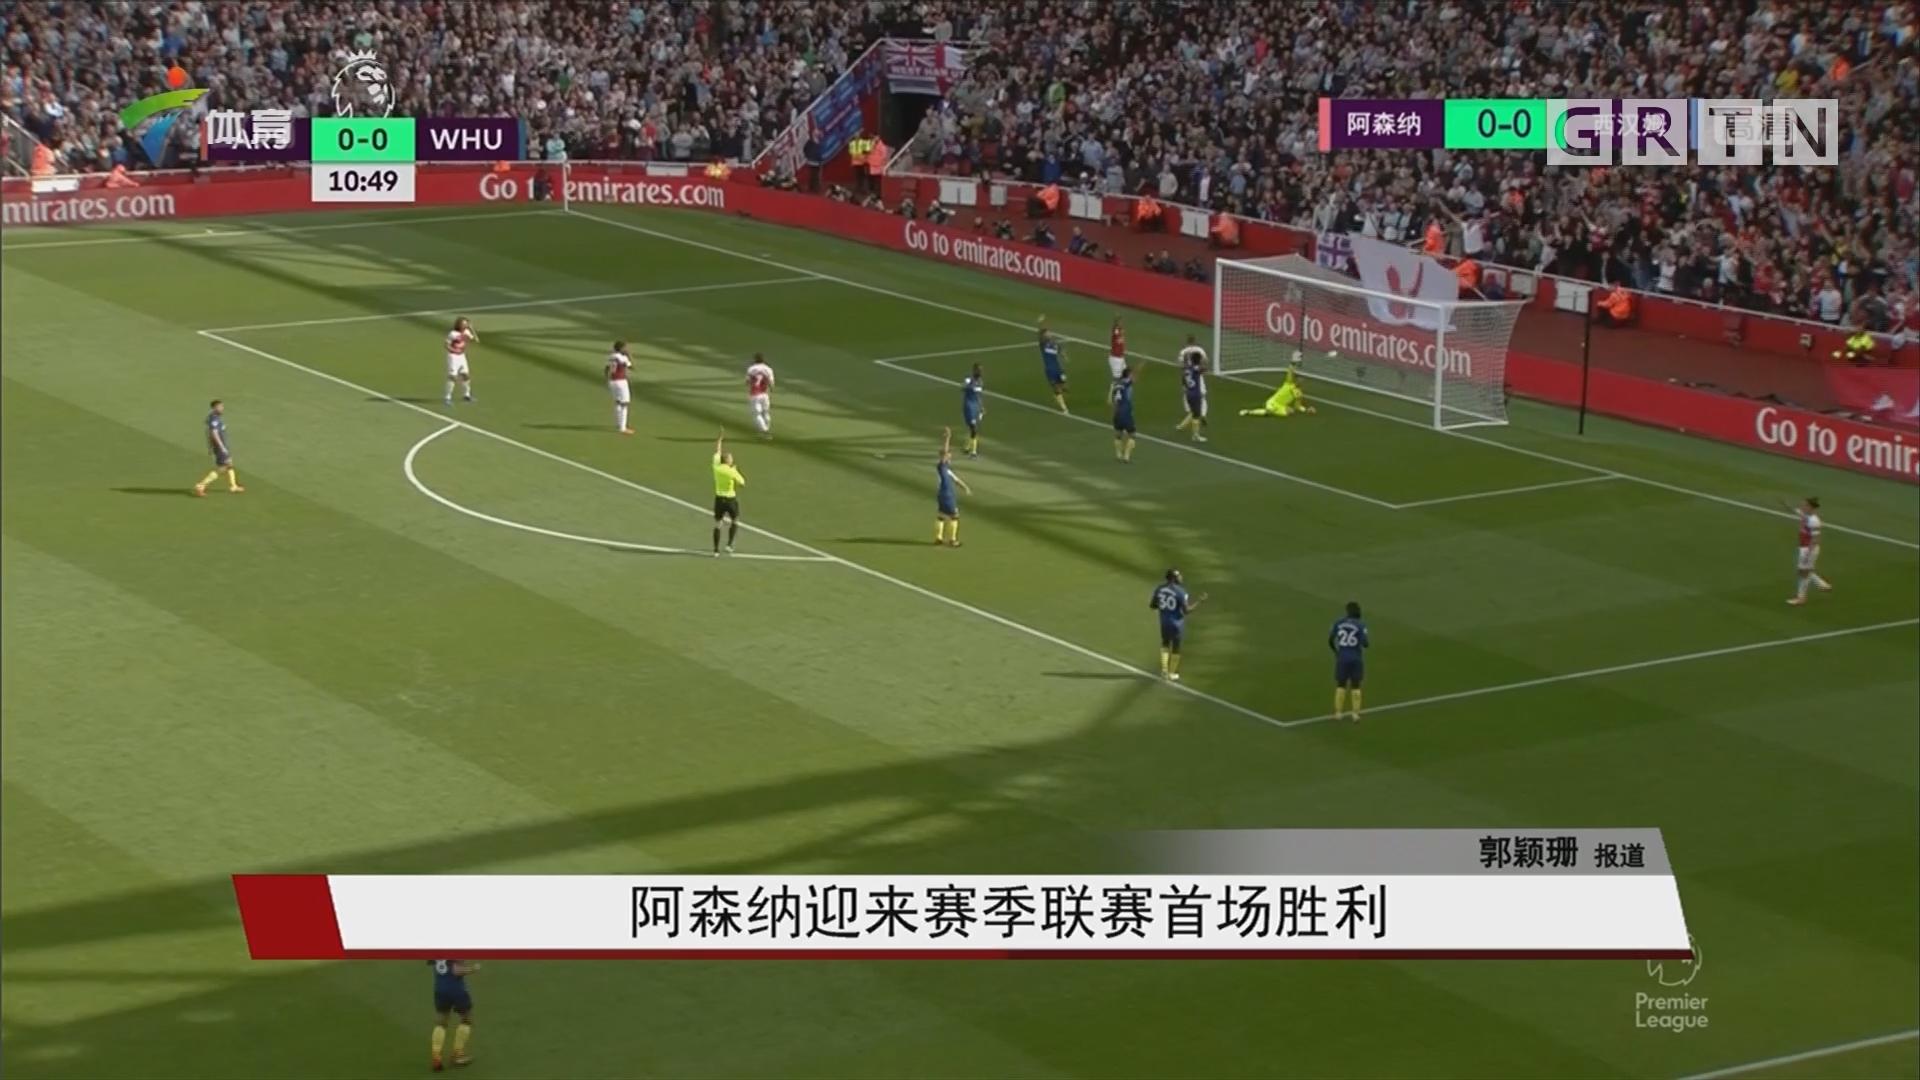 阿森纳迎来赛季联赛首场胜利